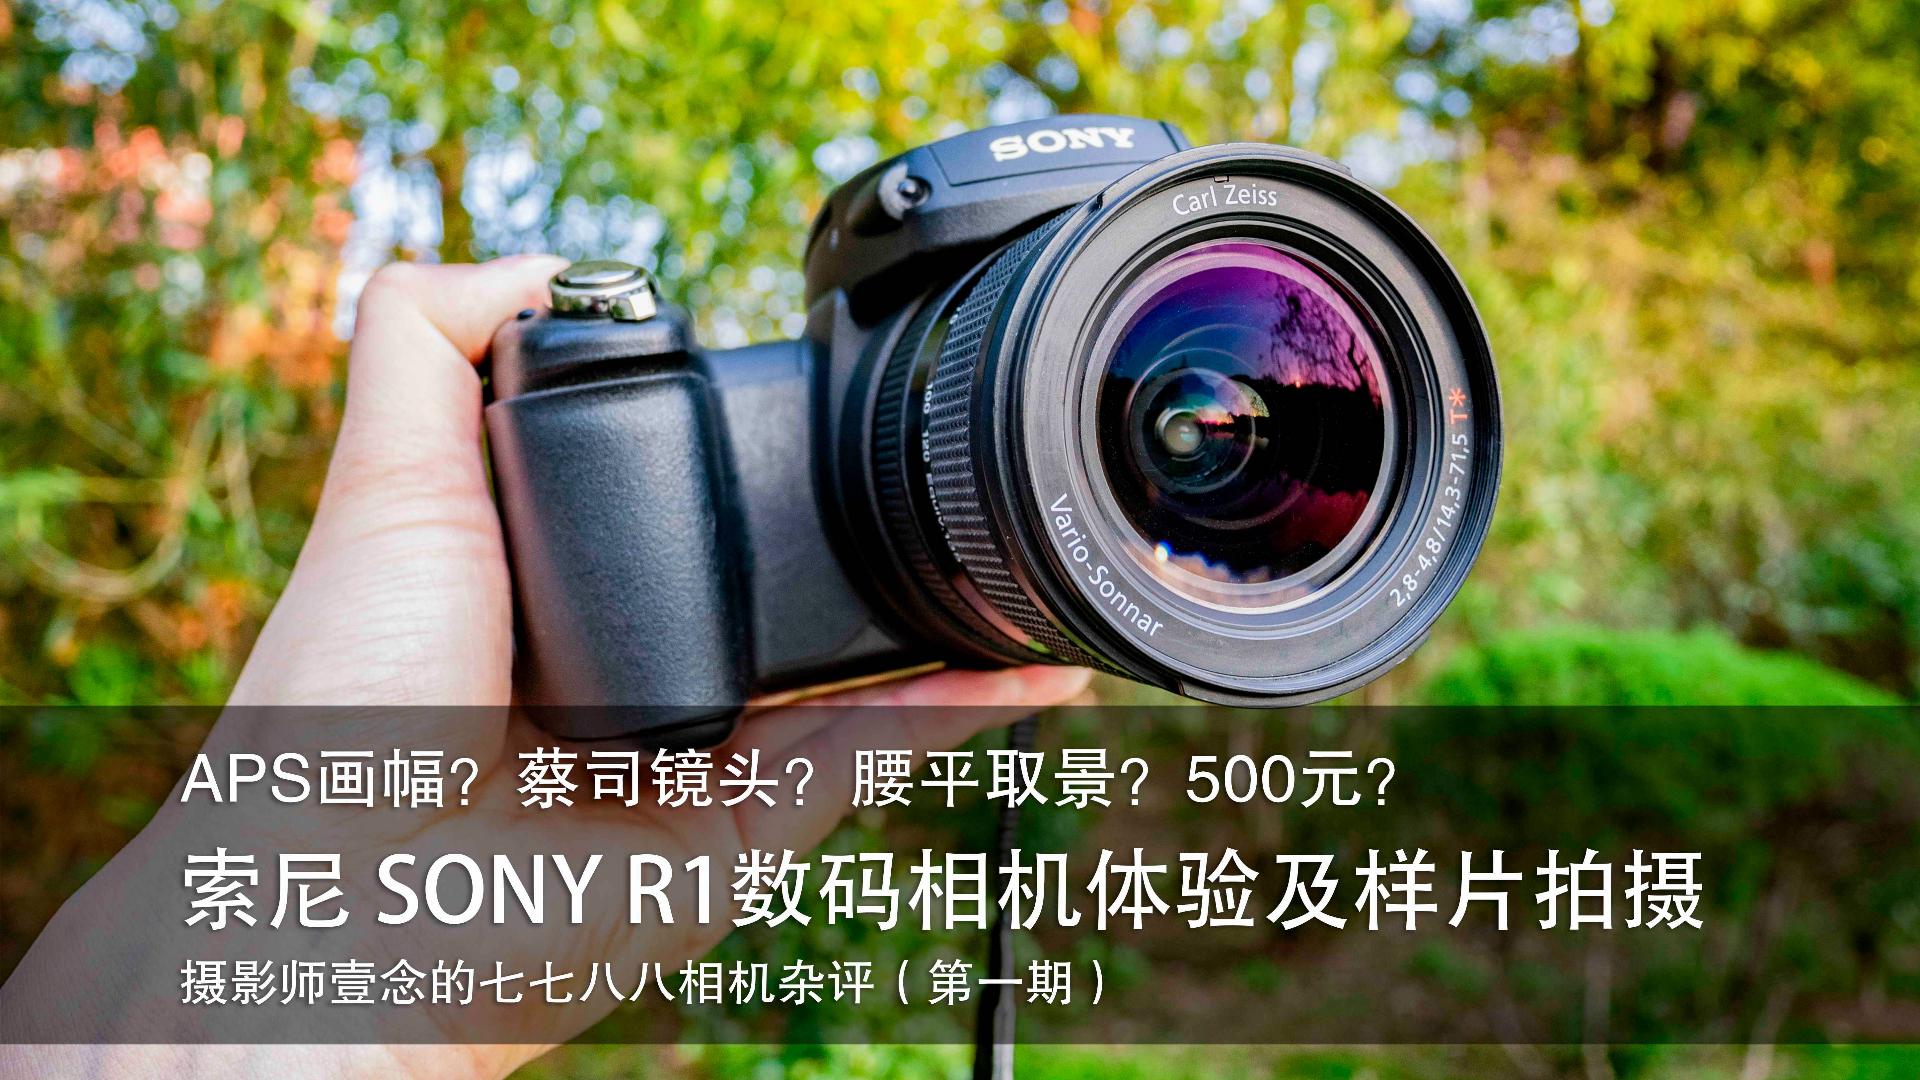 500元的APS画幅数码相机,还自带蔡司镜头?奇特的索尼R1相机评测试拍